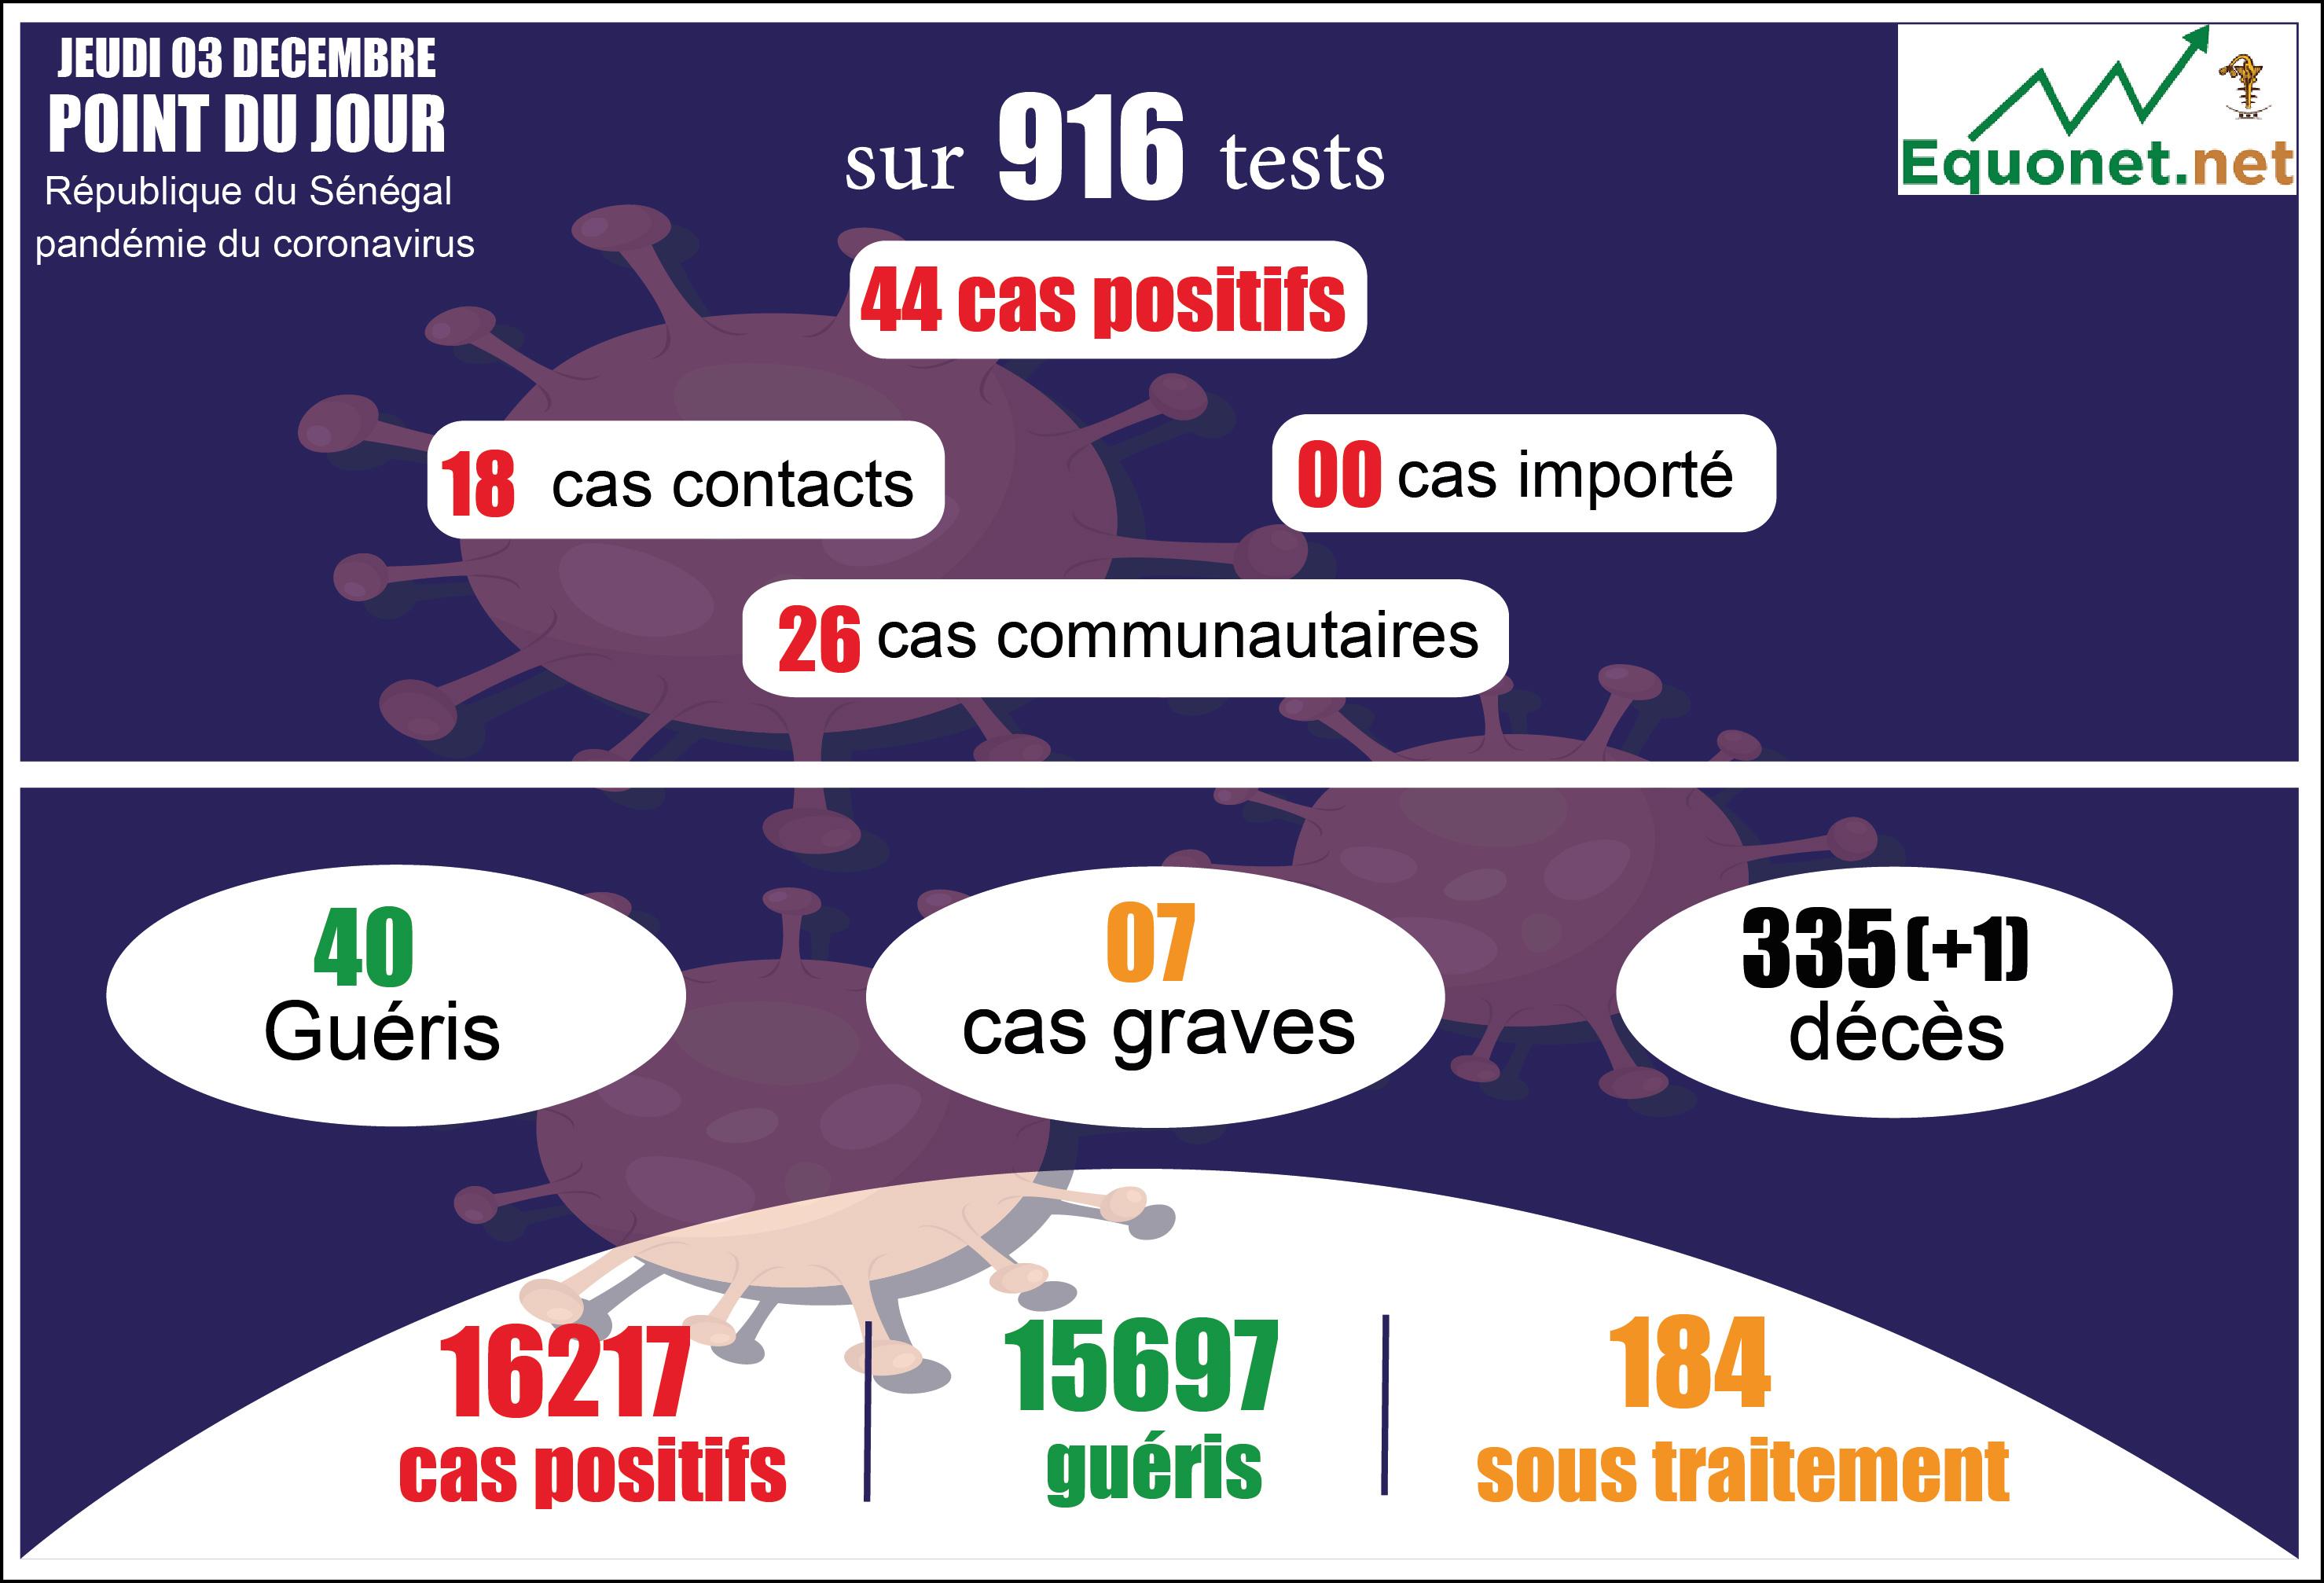 pandémie du coronavirus-covid-19 au sénégal : point de situation du jeudi 3 décembre 2020